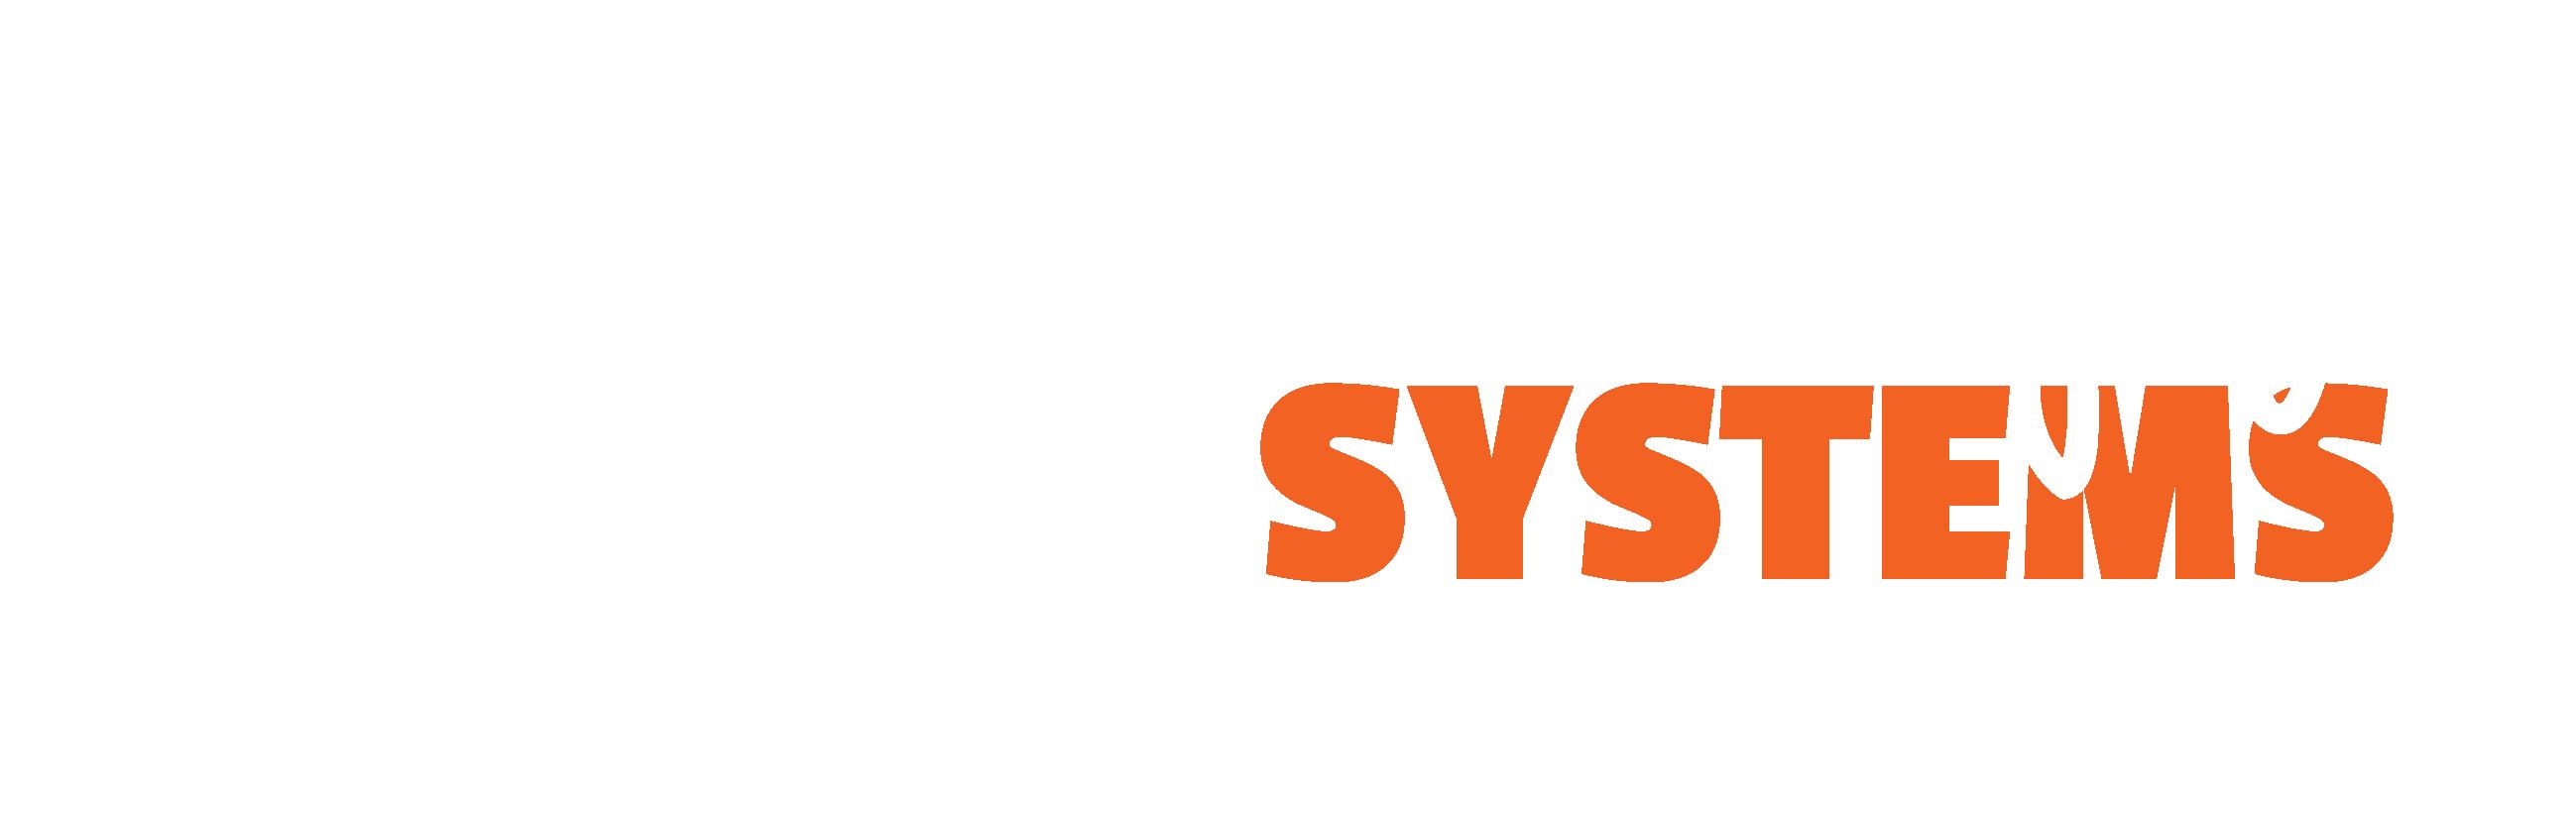 Jason de Jong Aircon Systems